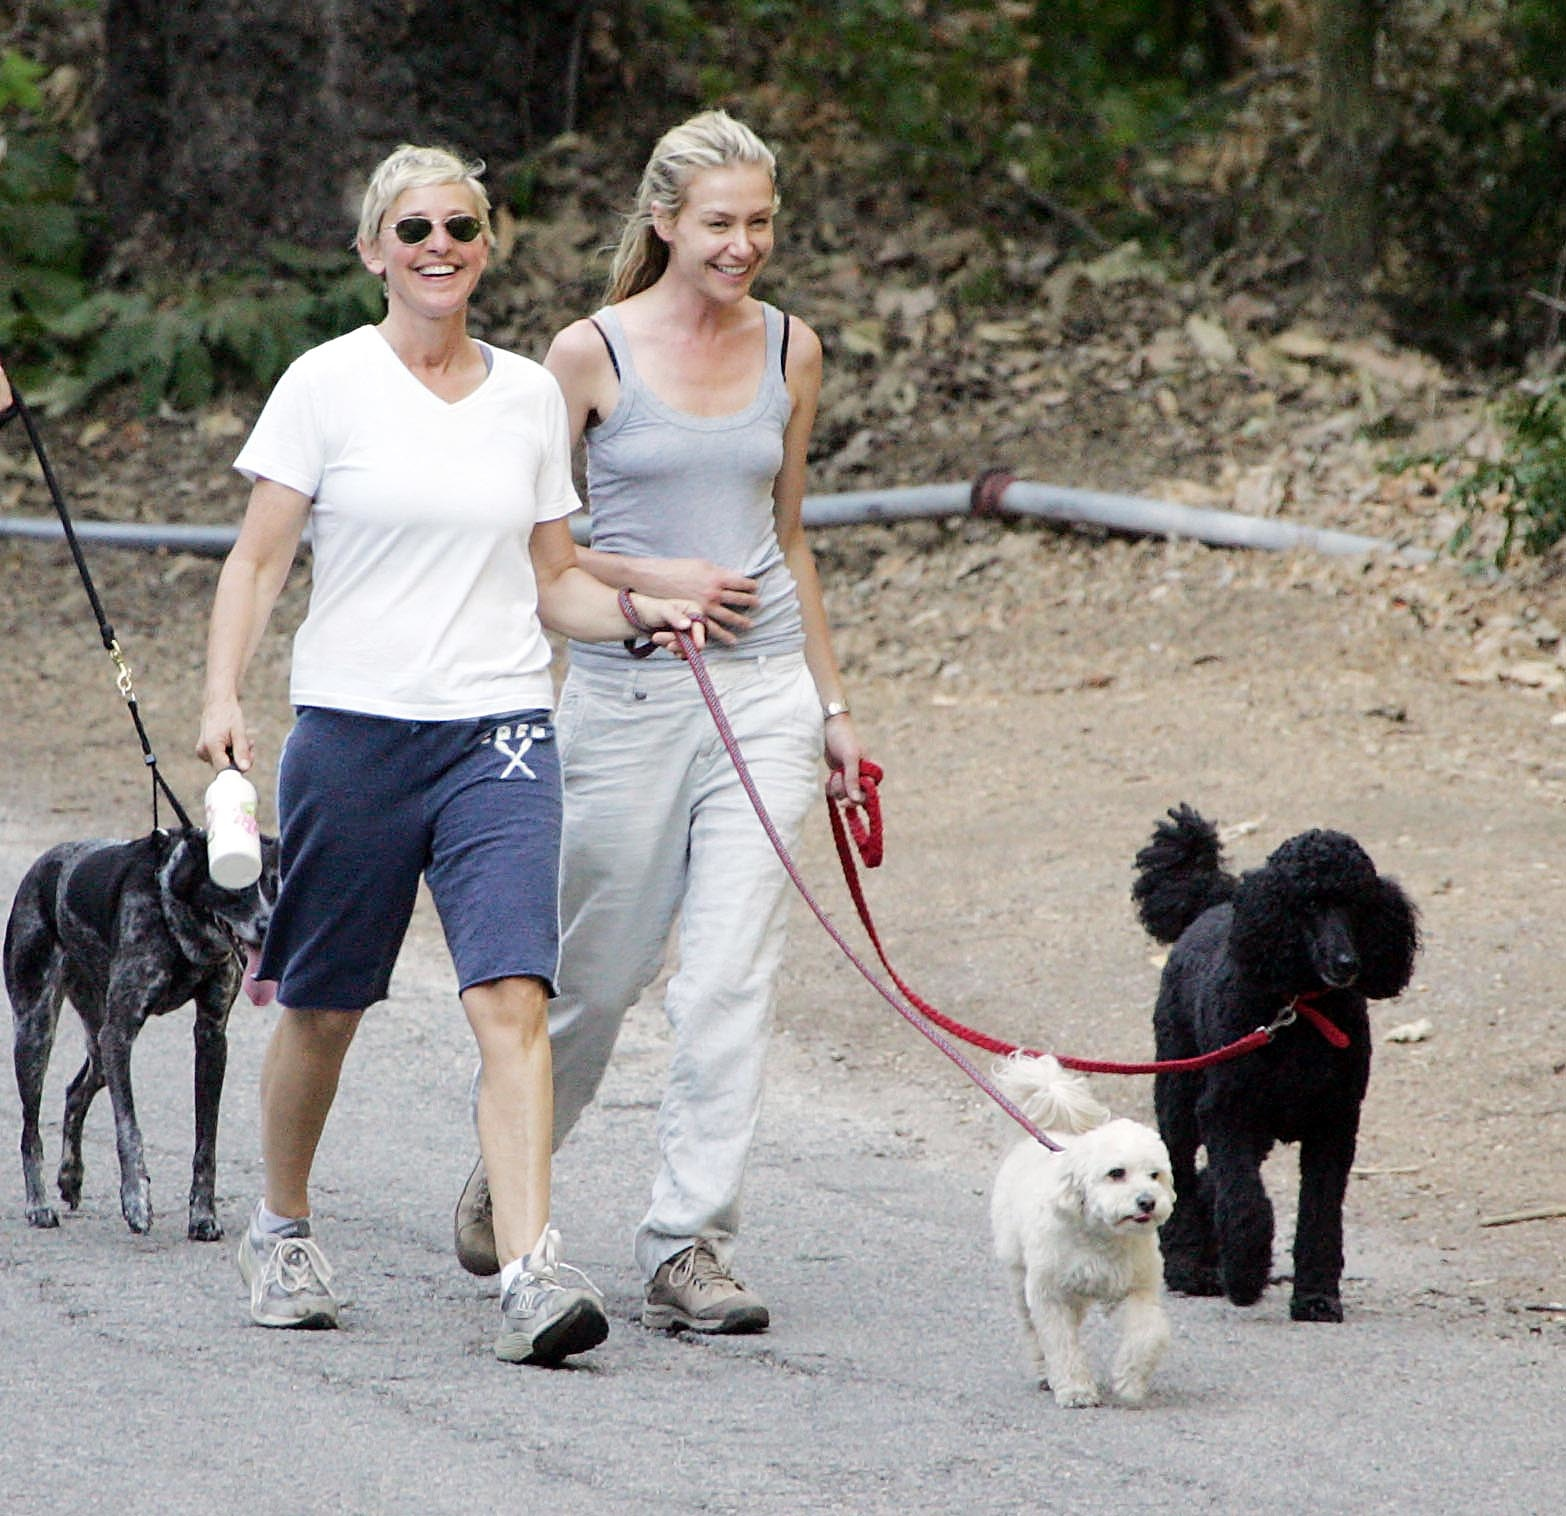 EXC ELLEN DEGENERES WALKING HER DOGS WITH HER WIFE, PORTIA DE ROSSI.